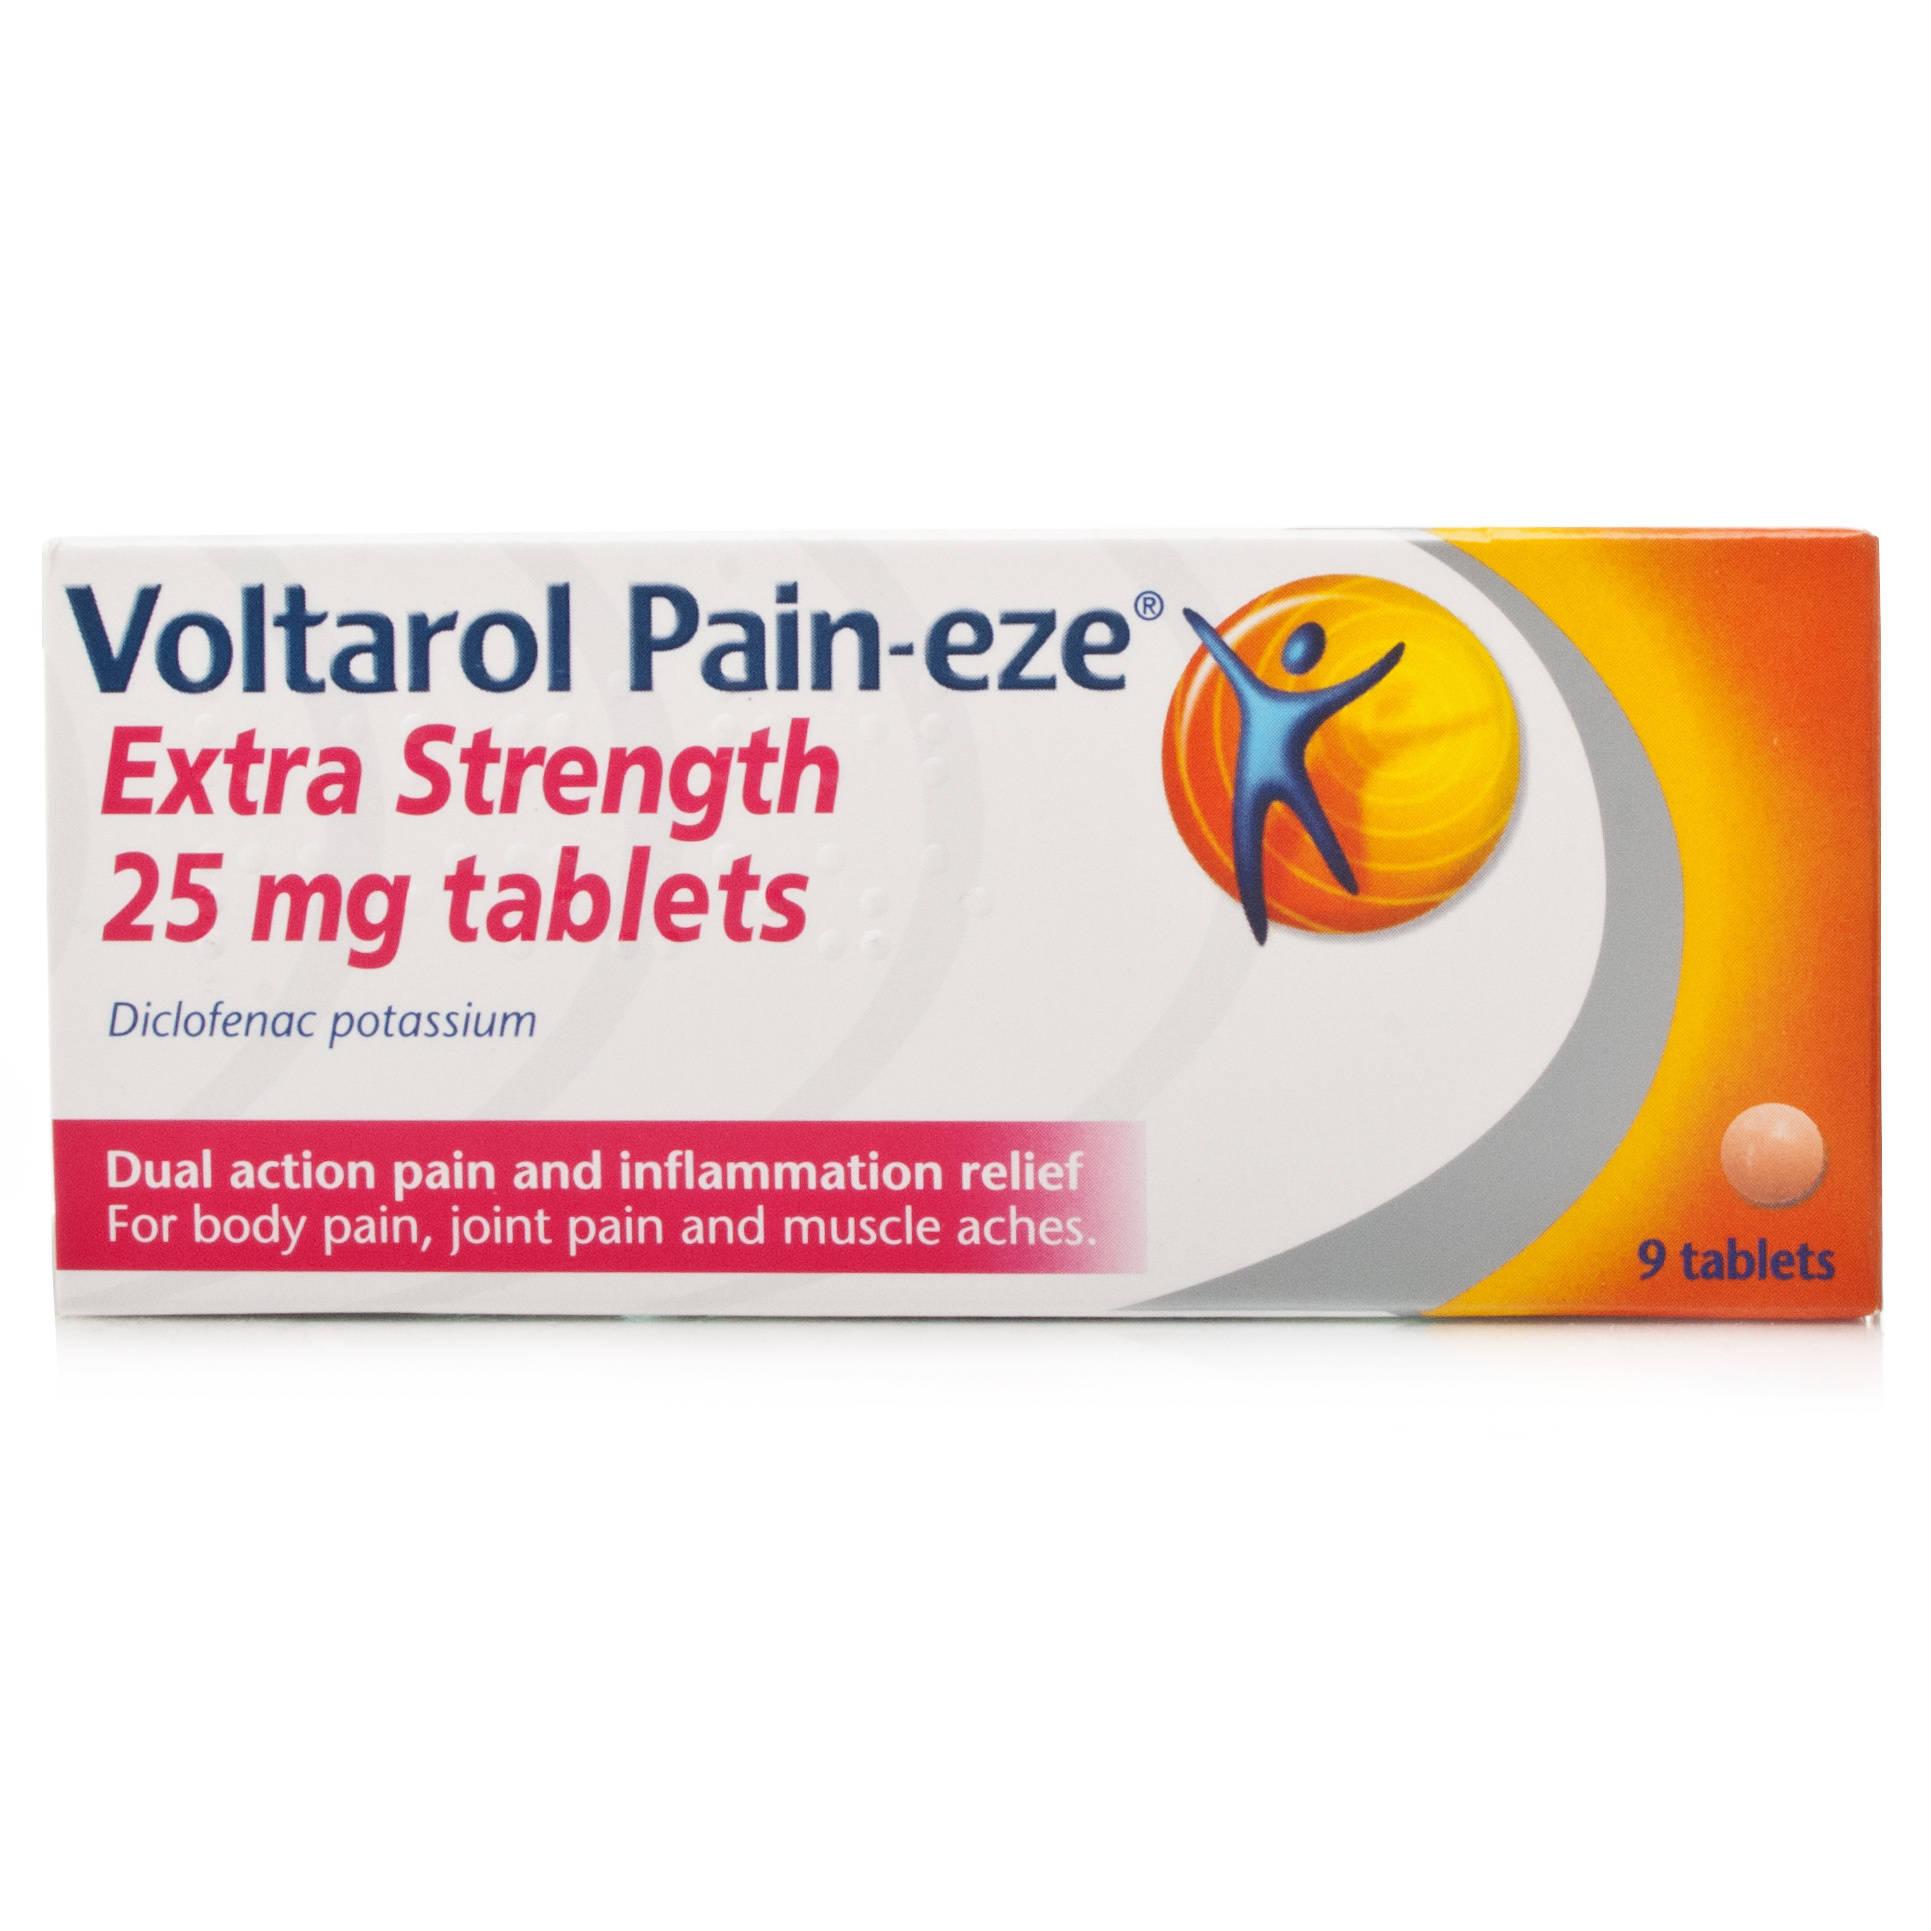 claritin 2 year old dose